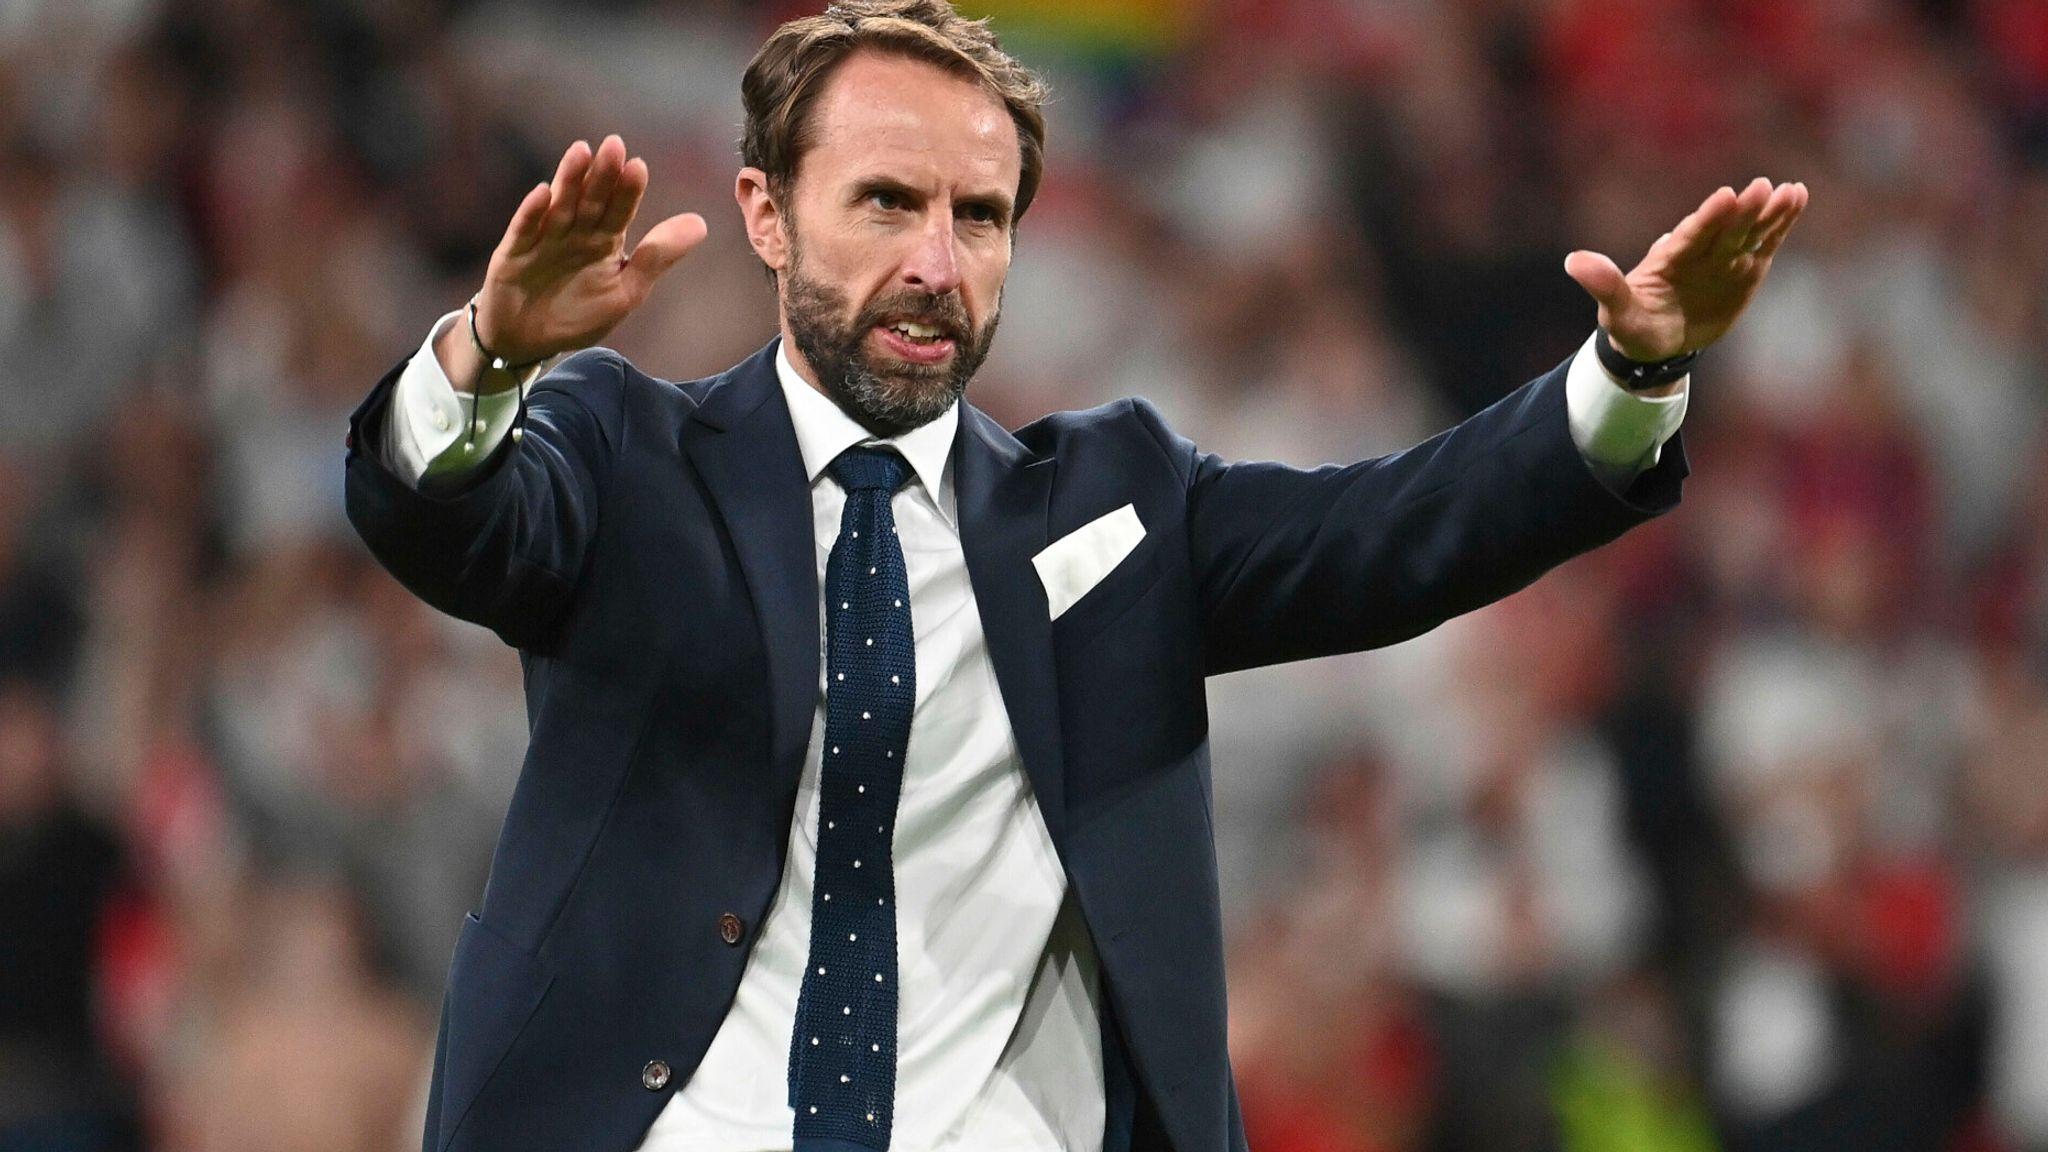 Pranë rinovimit të kontratës, Federata Angleze do nisë bisedimet me Southgate pas kualifikuesve të Botërorit 2022